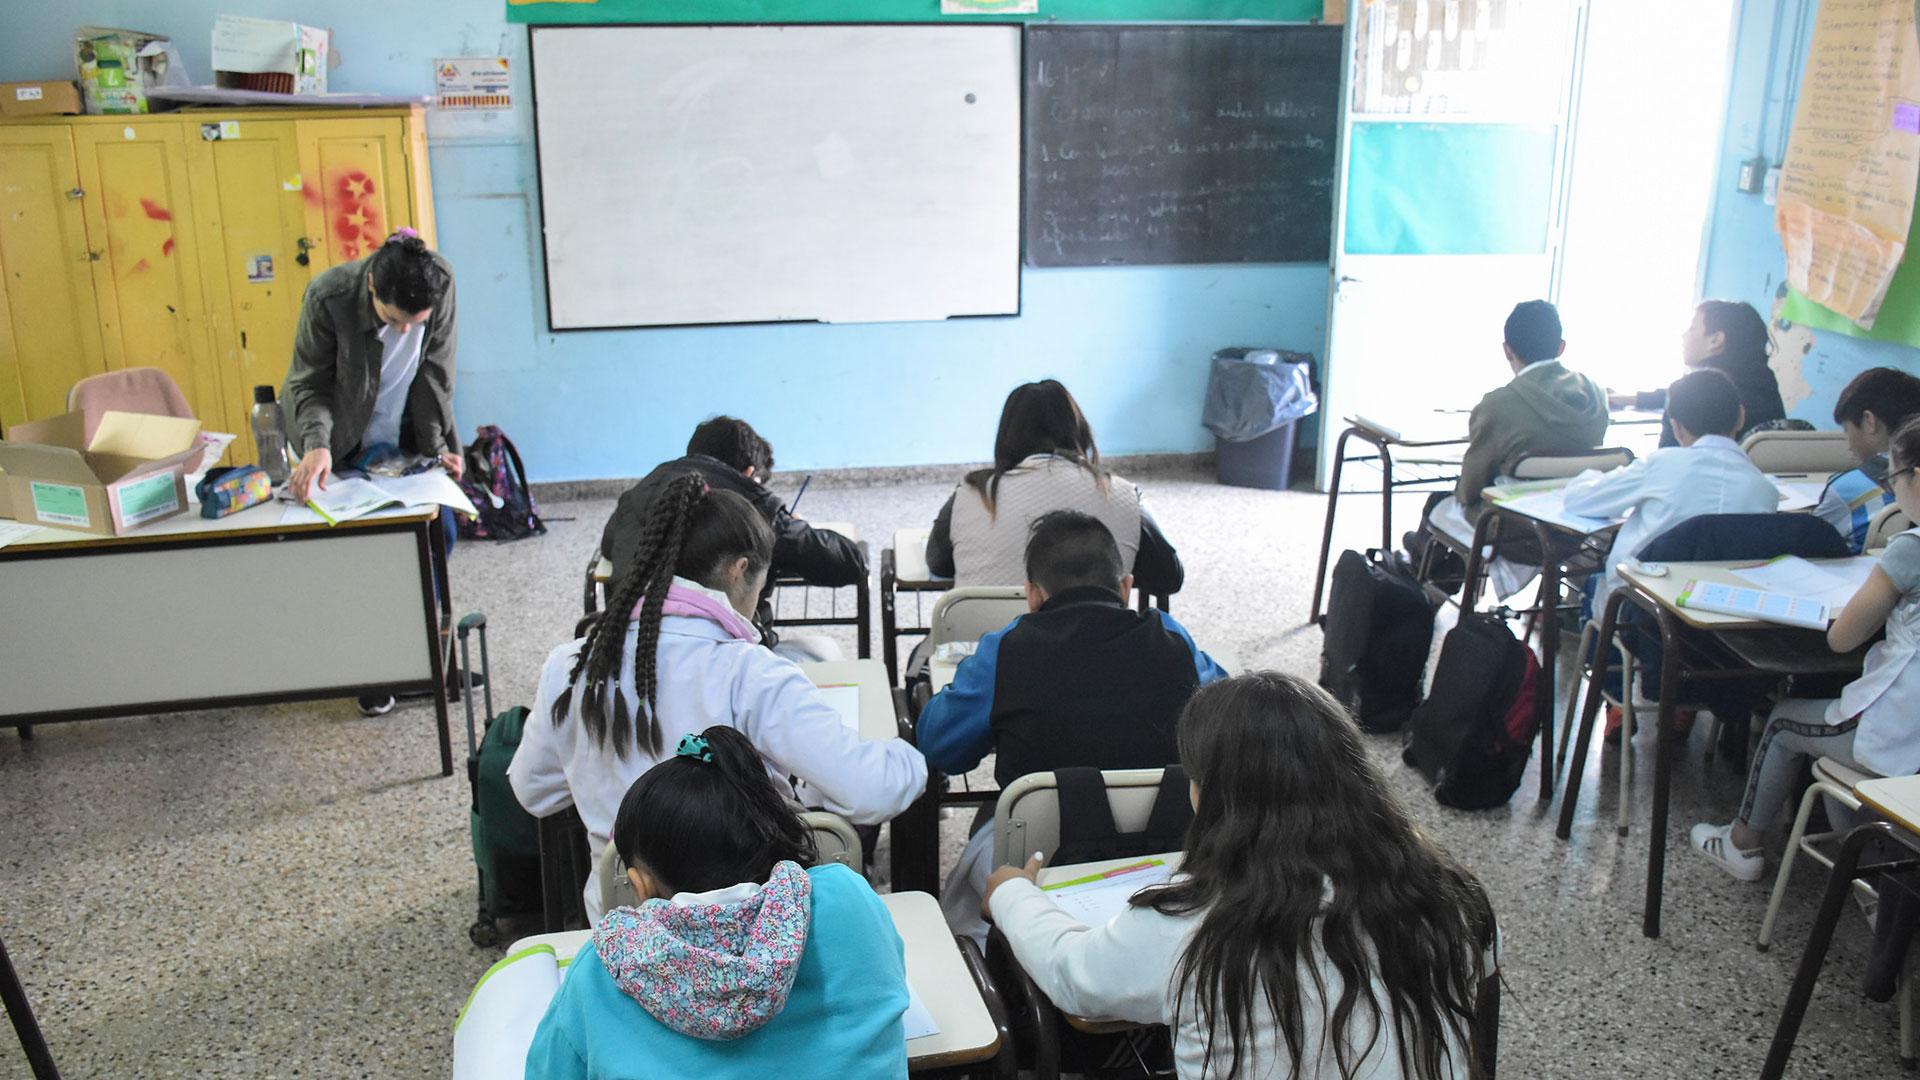 Todos los alumnos primarios de la Provincia pasaran de grado. En la secundaria habrá una evaluación